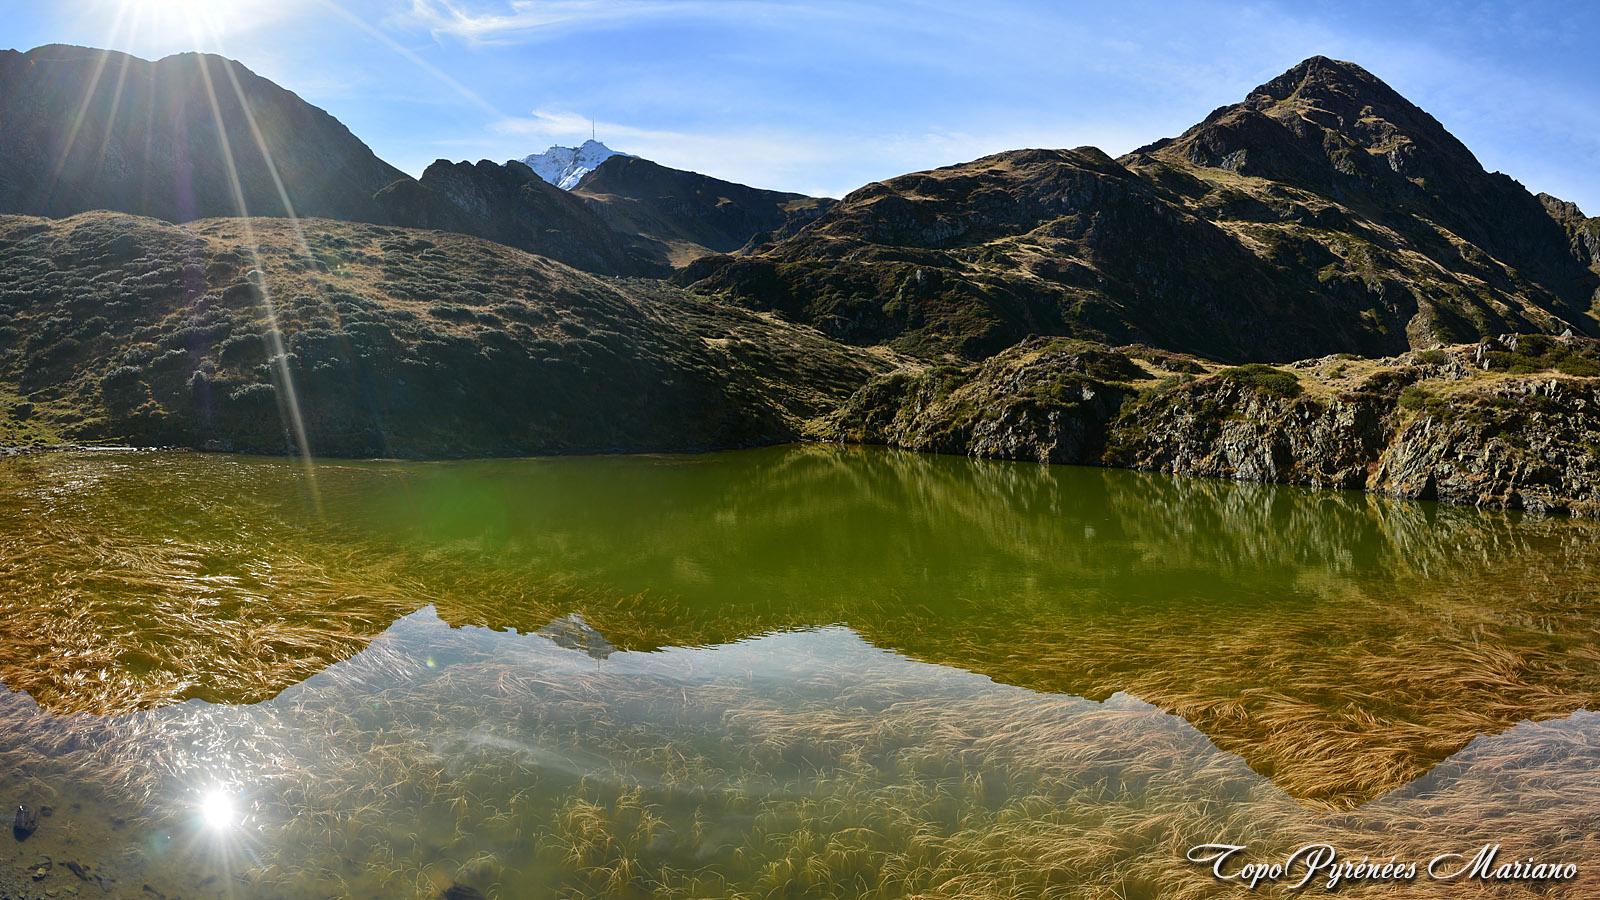 Randonnée au Lac de l'Oeuf (1919m)